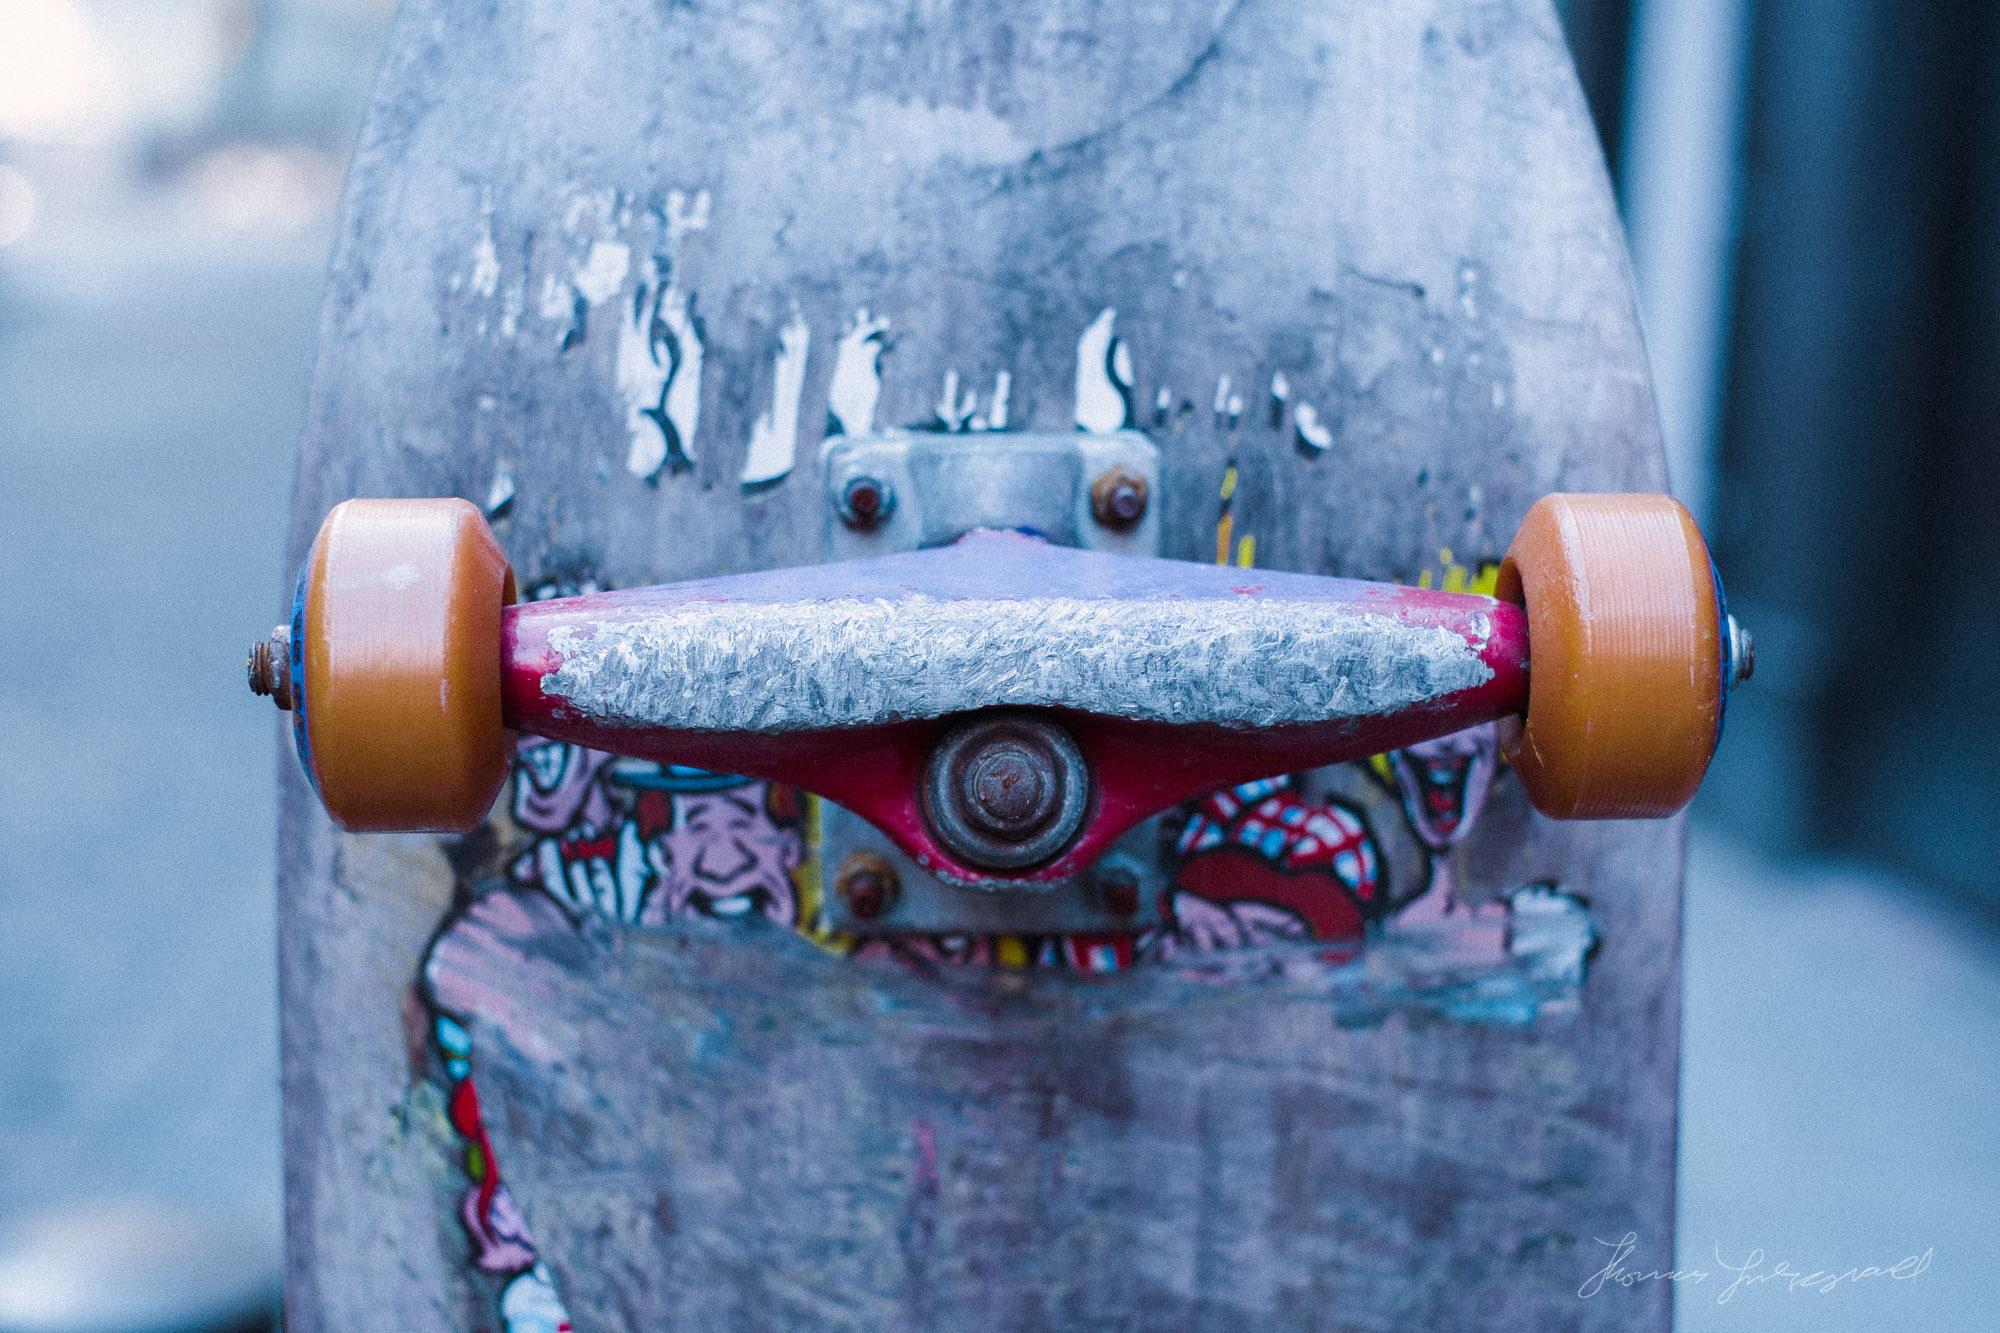 Skateboard Kodak Porta 800